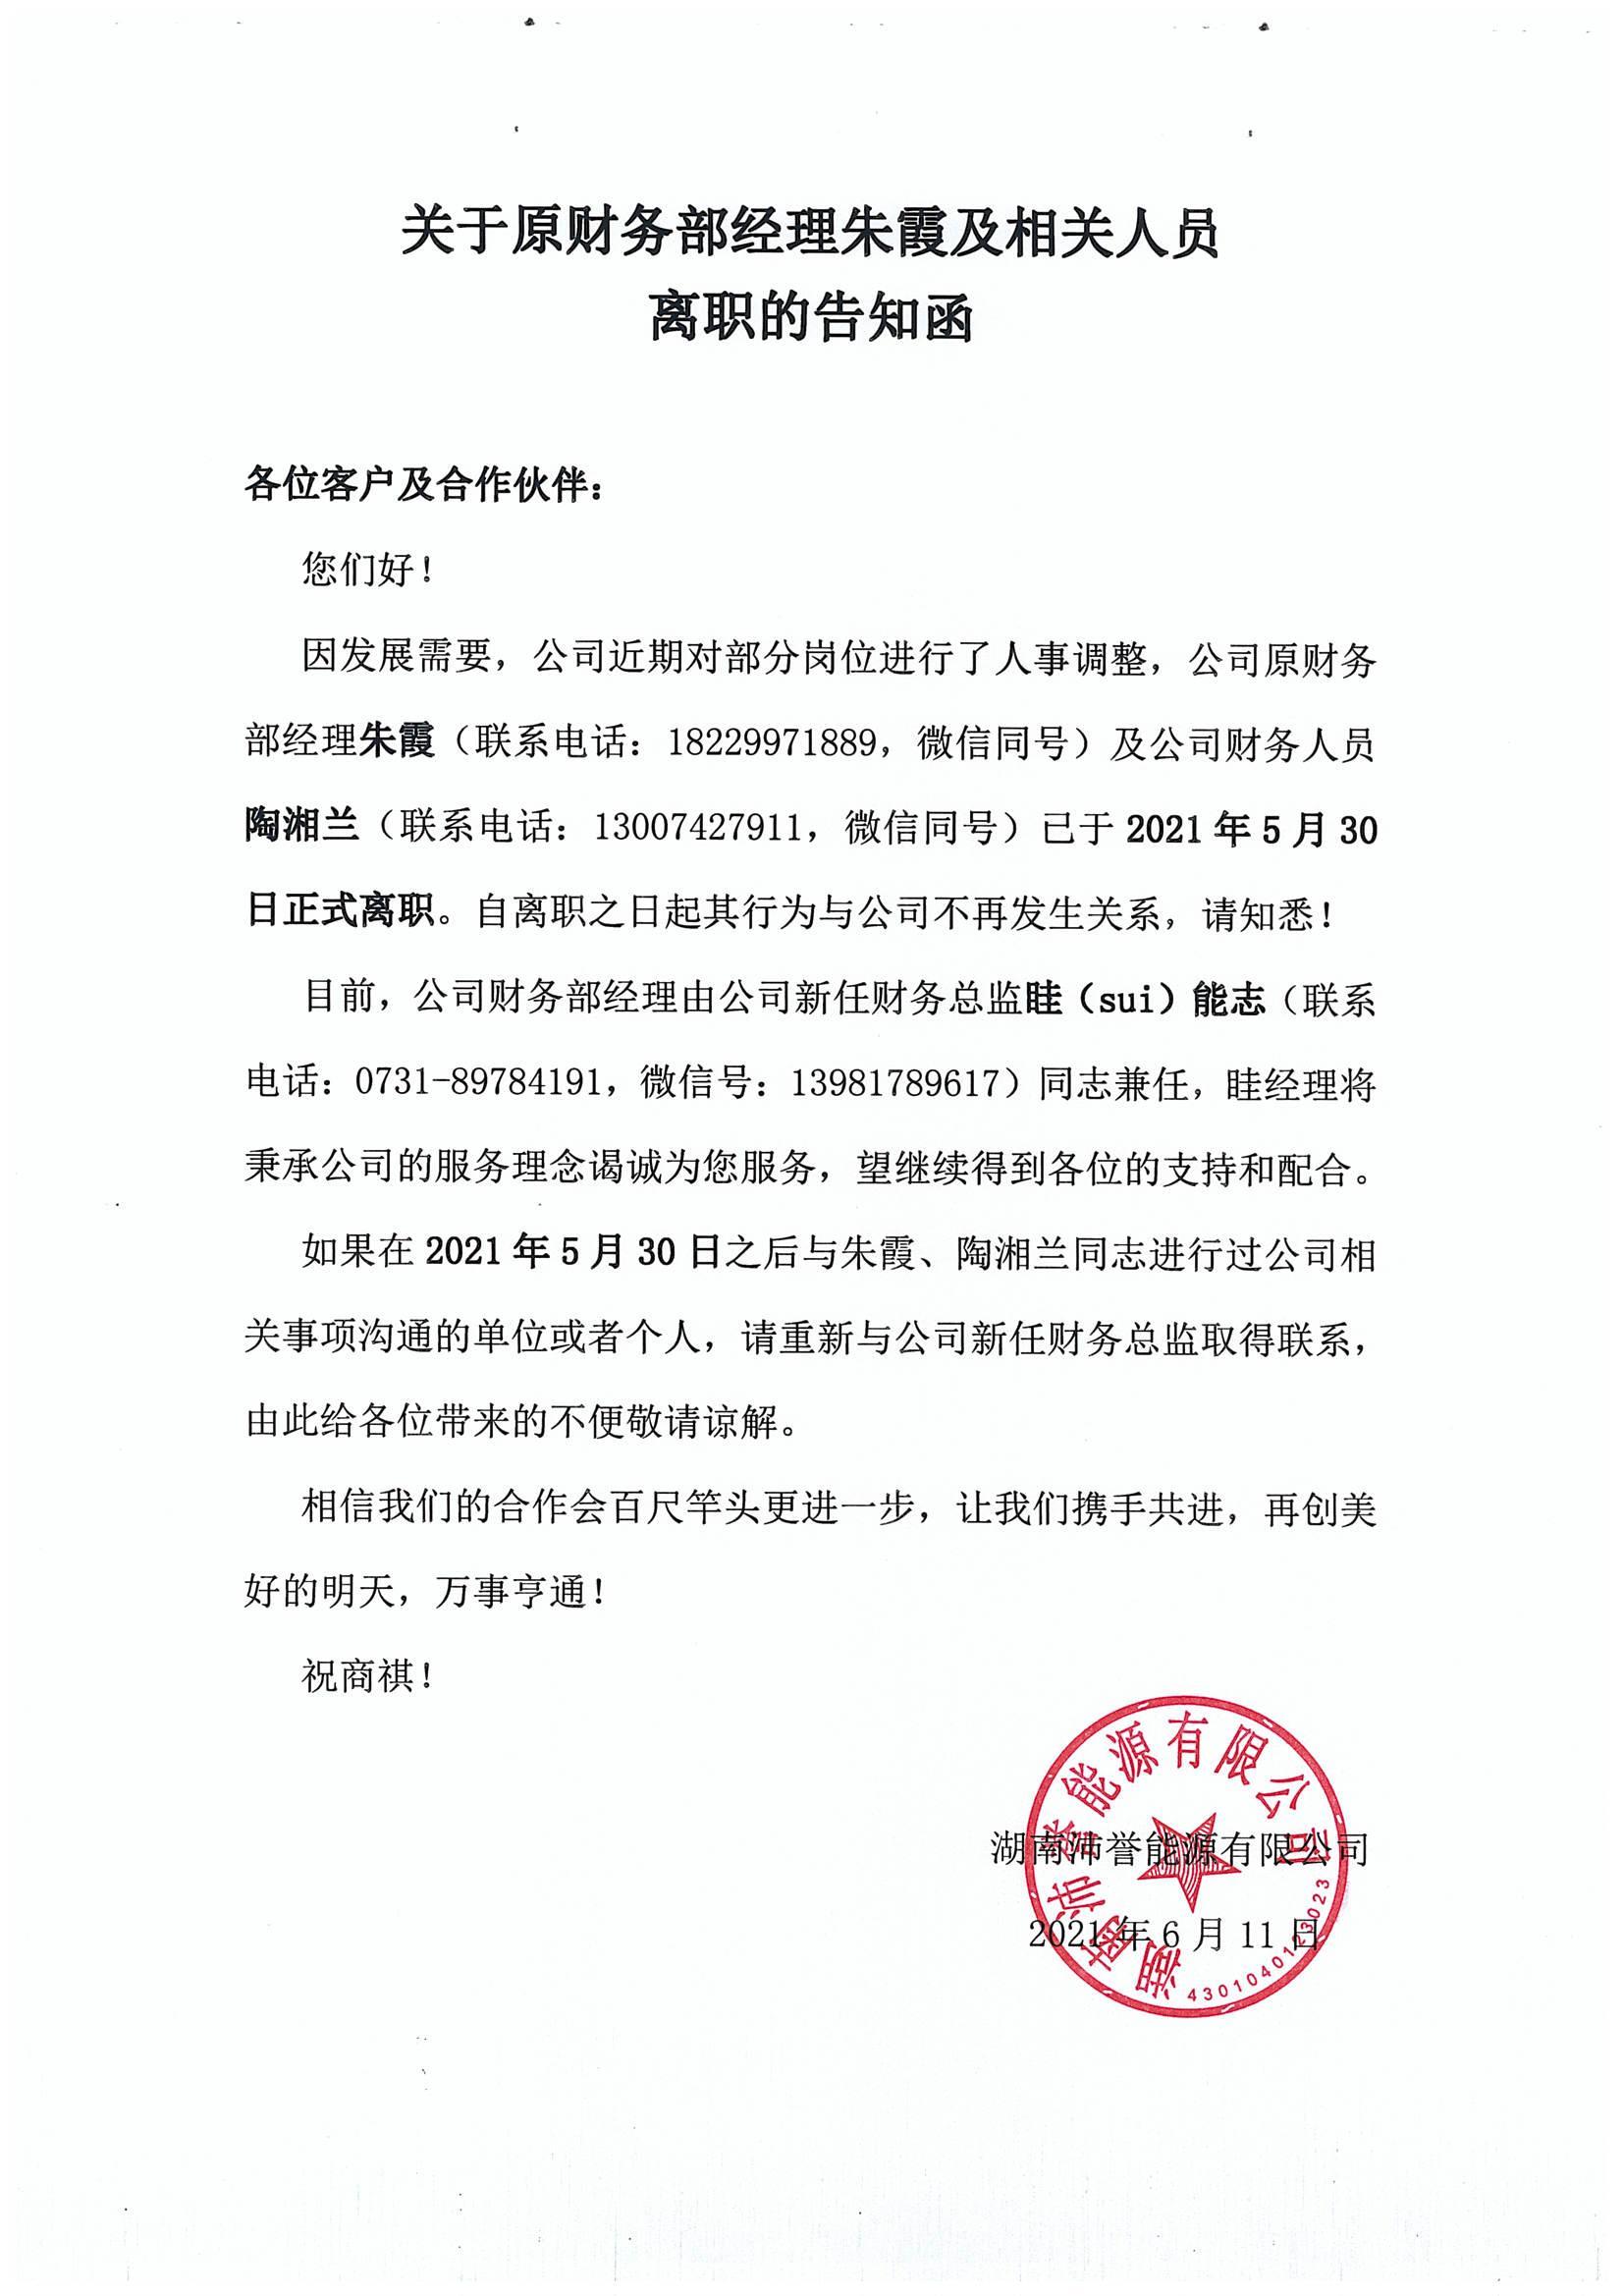 关于原财务部经理朱霞及相关人员离职的告知函